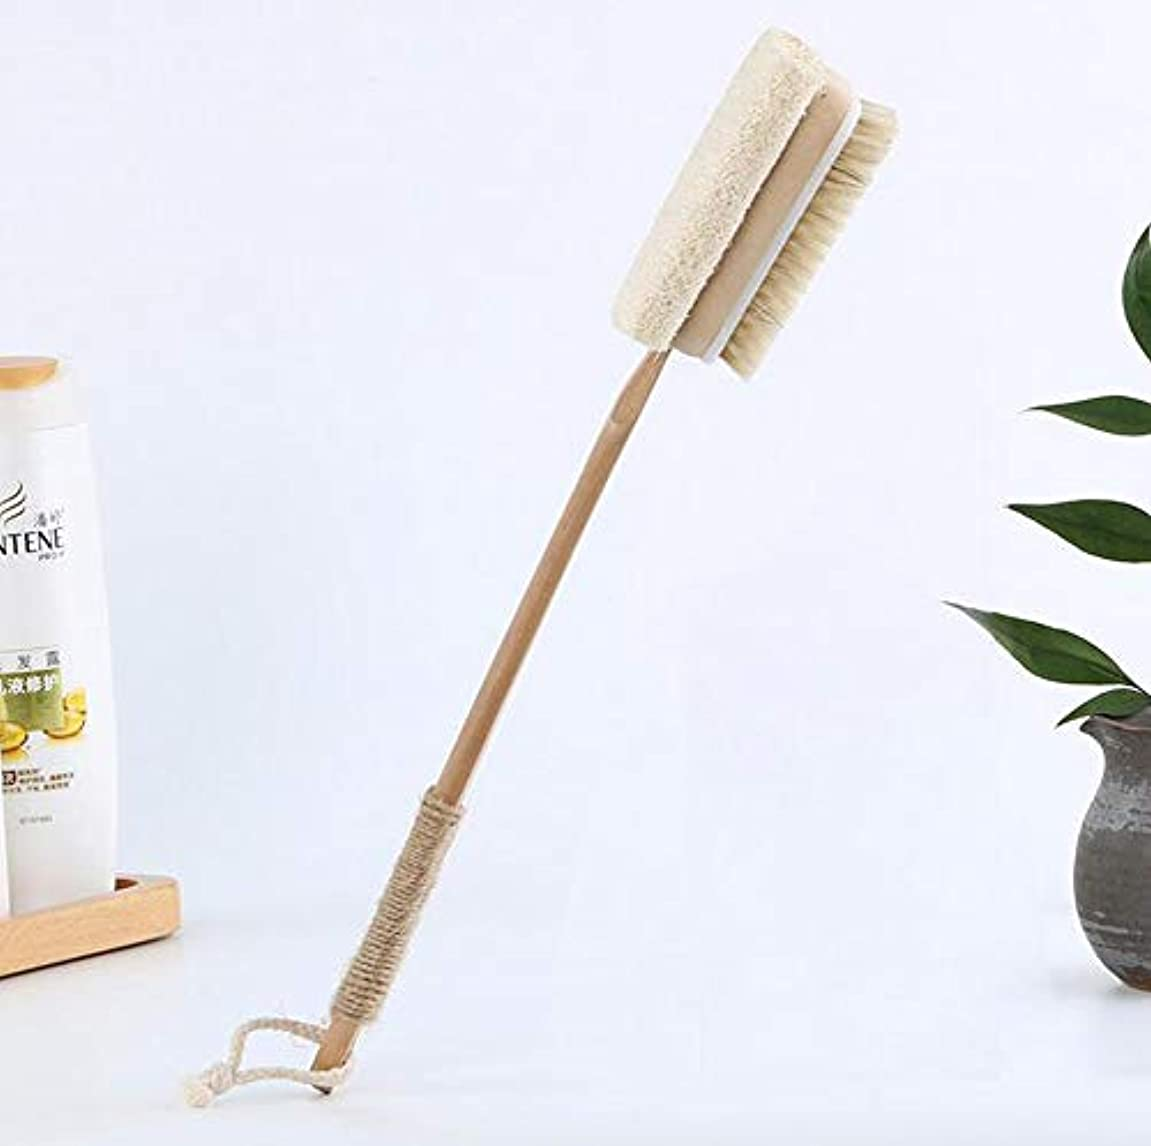 材料献身長方形バスブラシ、長い木製ハンドルドライブラシボディブラシバスブラシ長いハンドル、皮膚やセルライトを剥離するため、ウェットまたはドライ使用